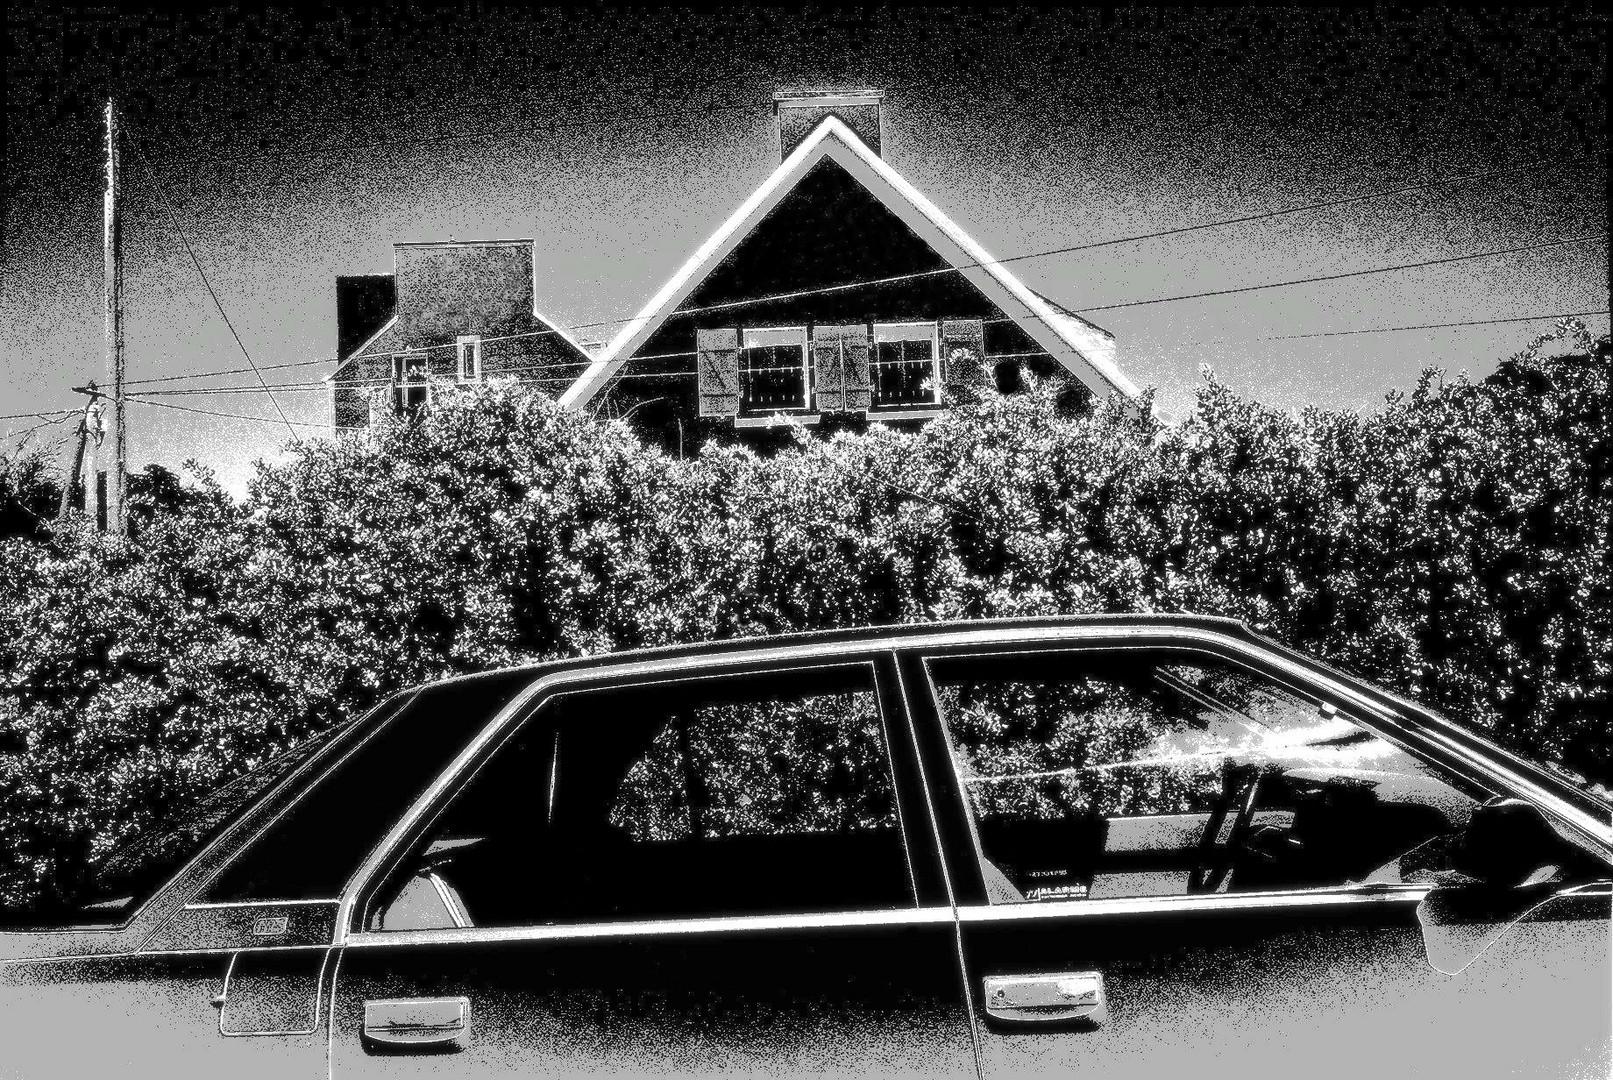 La maison, la voiture.